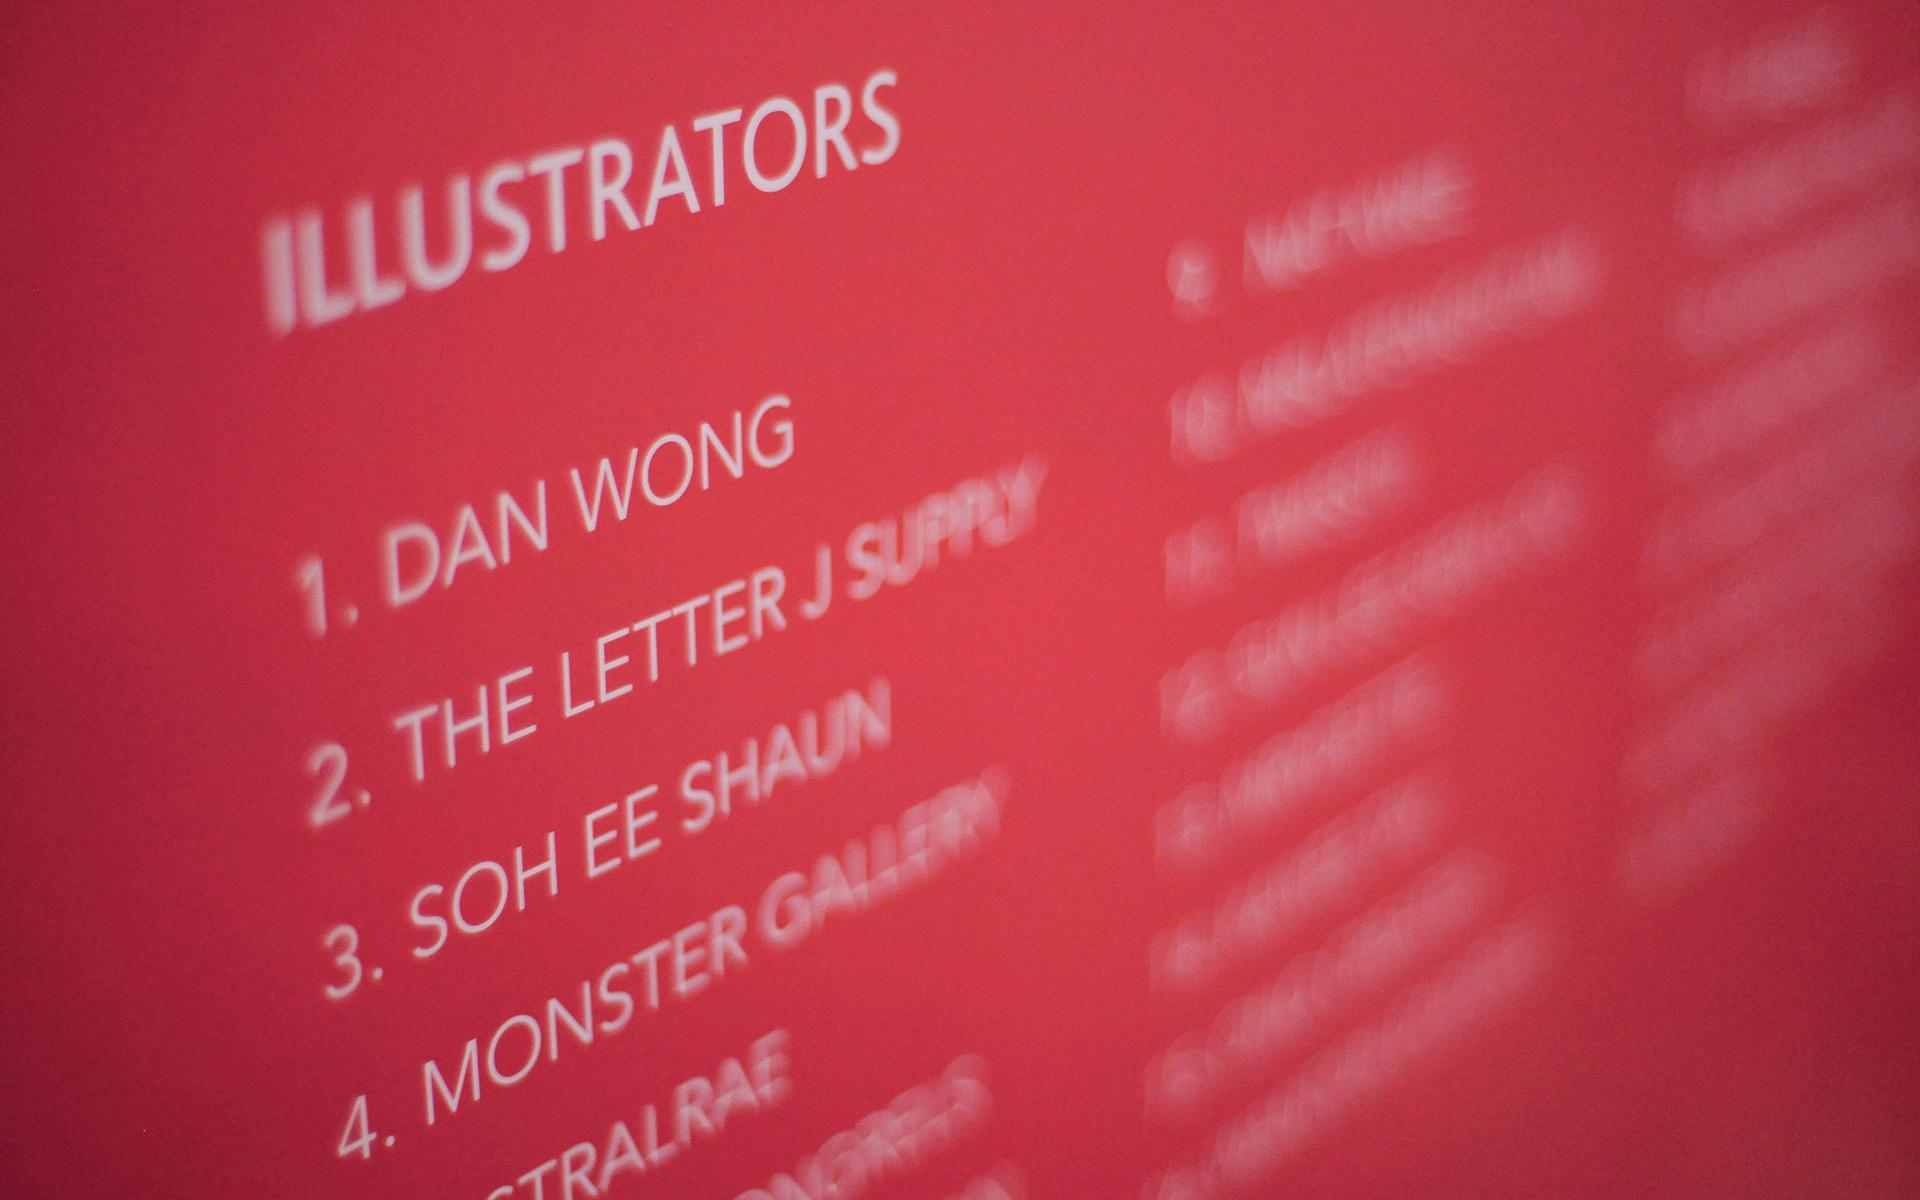 sg50-illustrators-closeup